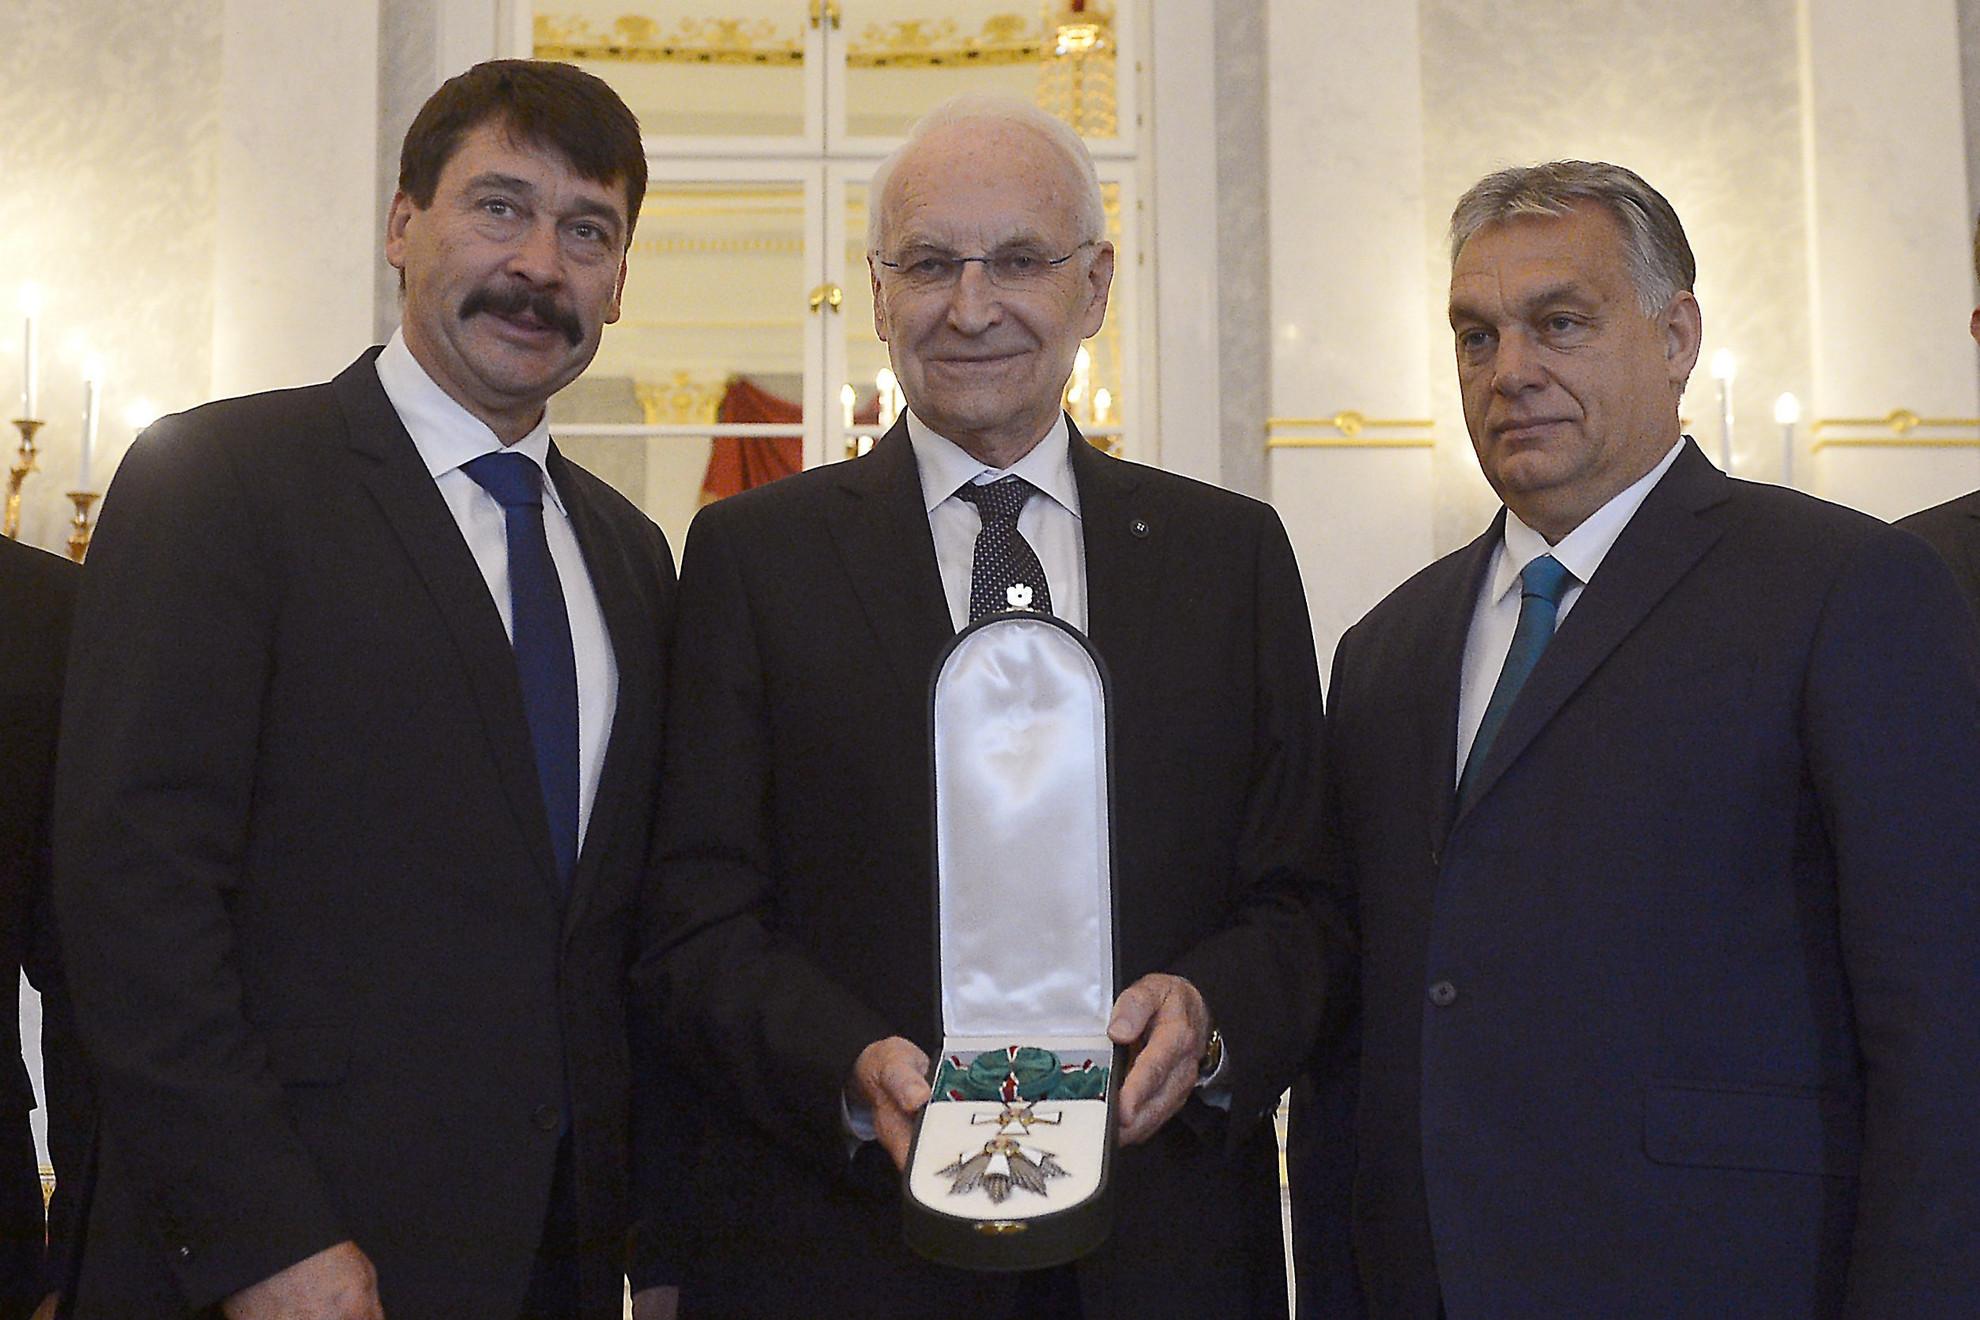 Edmund Stoiber volt bajor miniszterelnök, (k) Áder János köztársasági elnök (b) és Orbán Viktor miniszterelnök társaságában